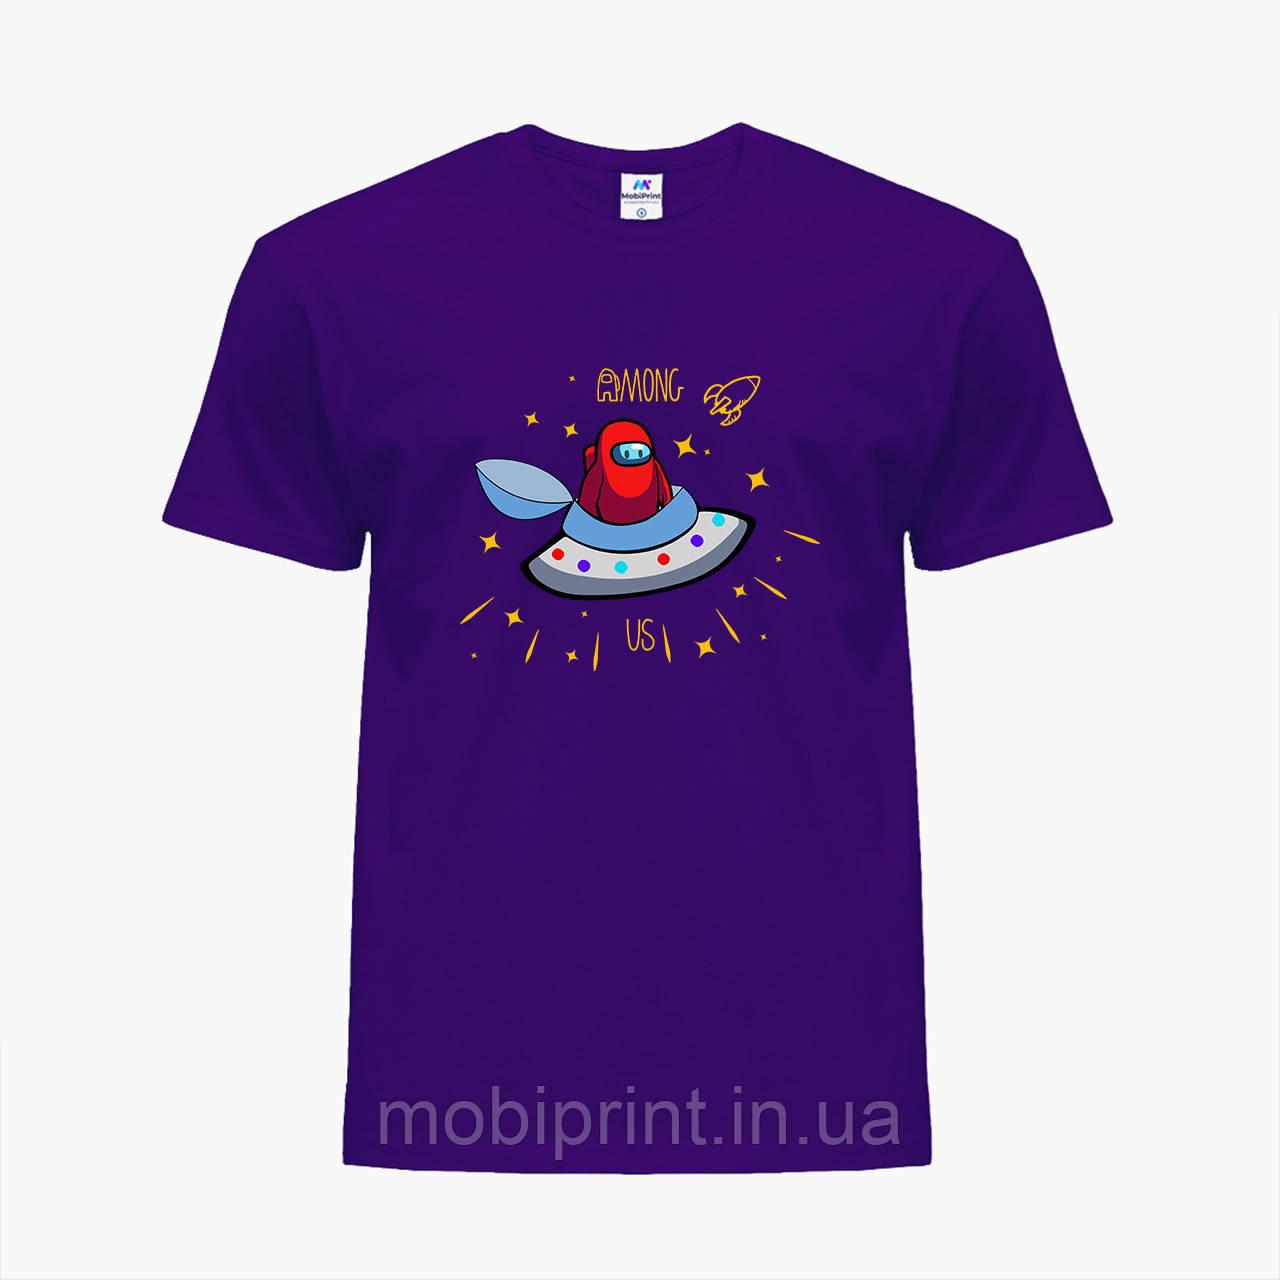 Дитяча футболка для хлопчиків Амонг Червоний Ас (Among Us Red) (25186-2583) Фіолетовий